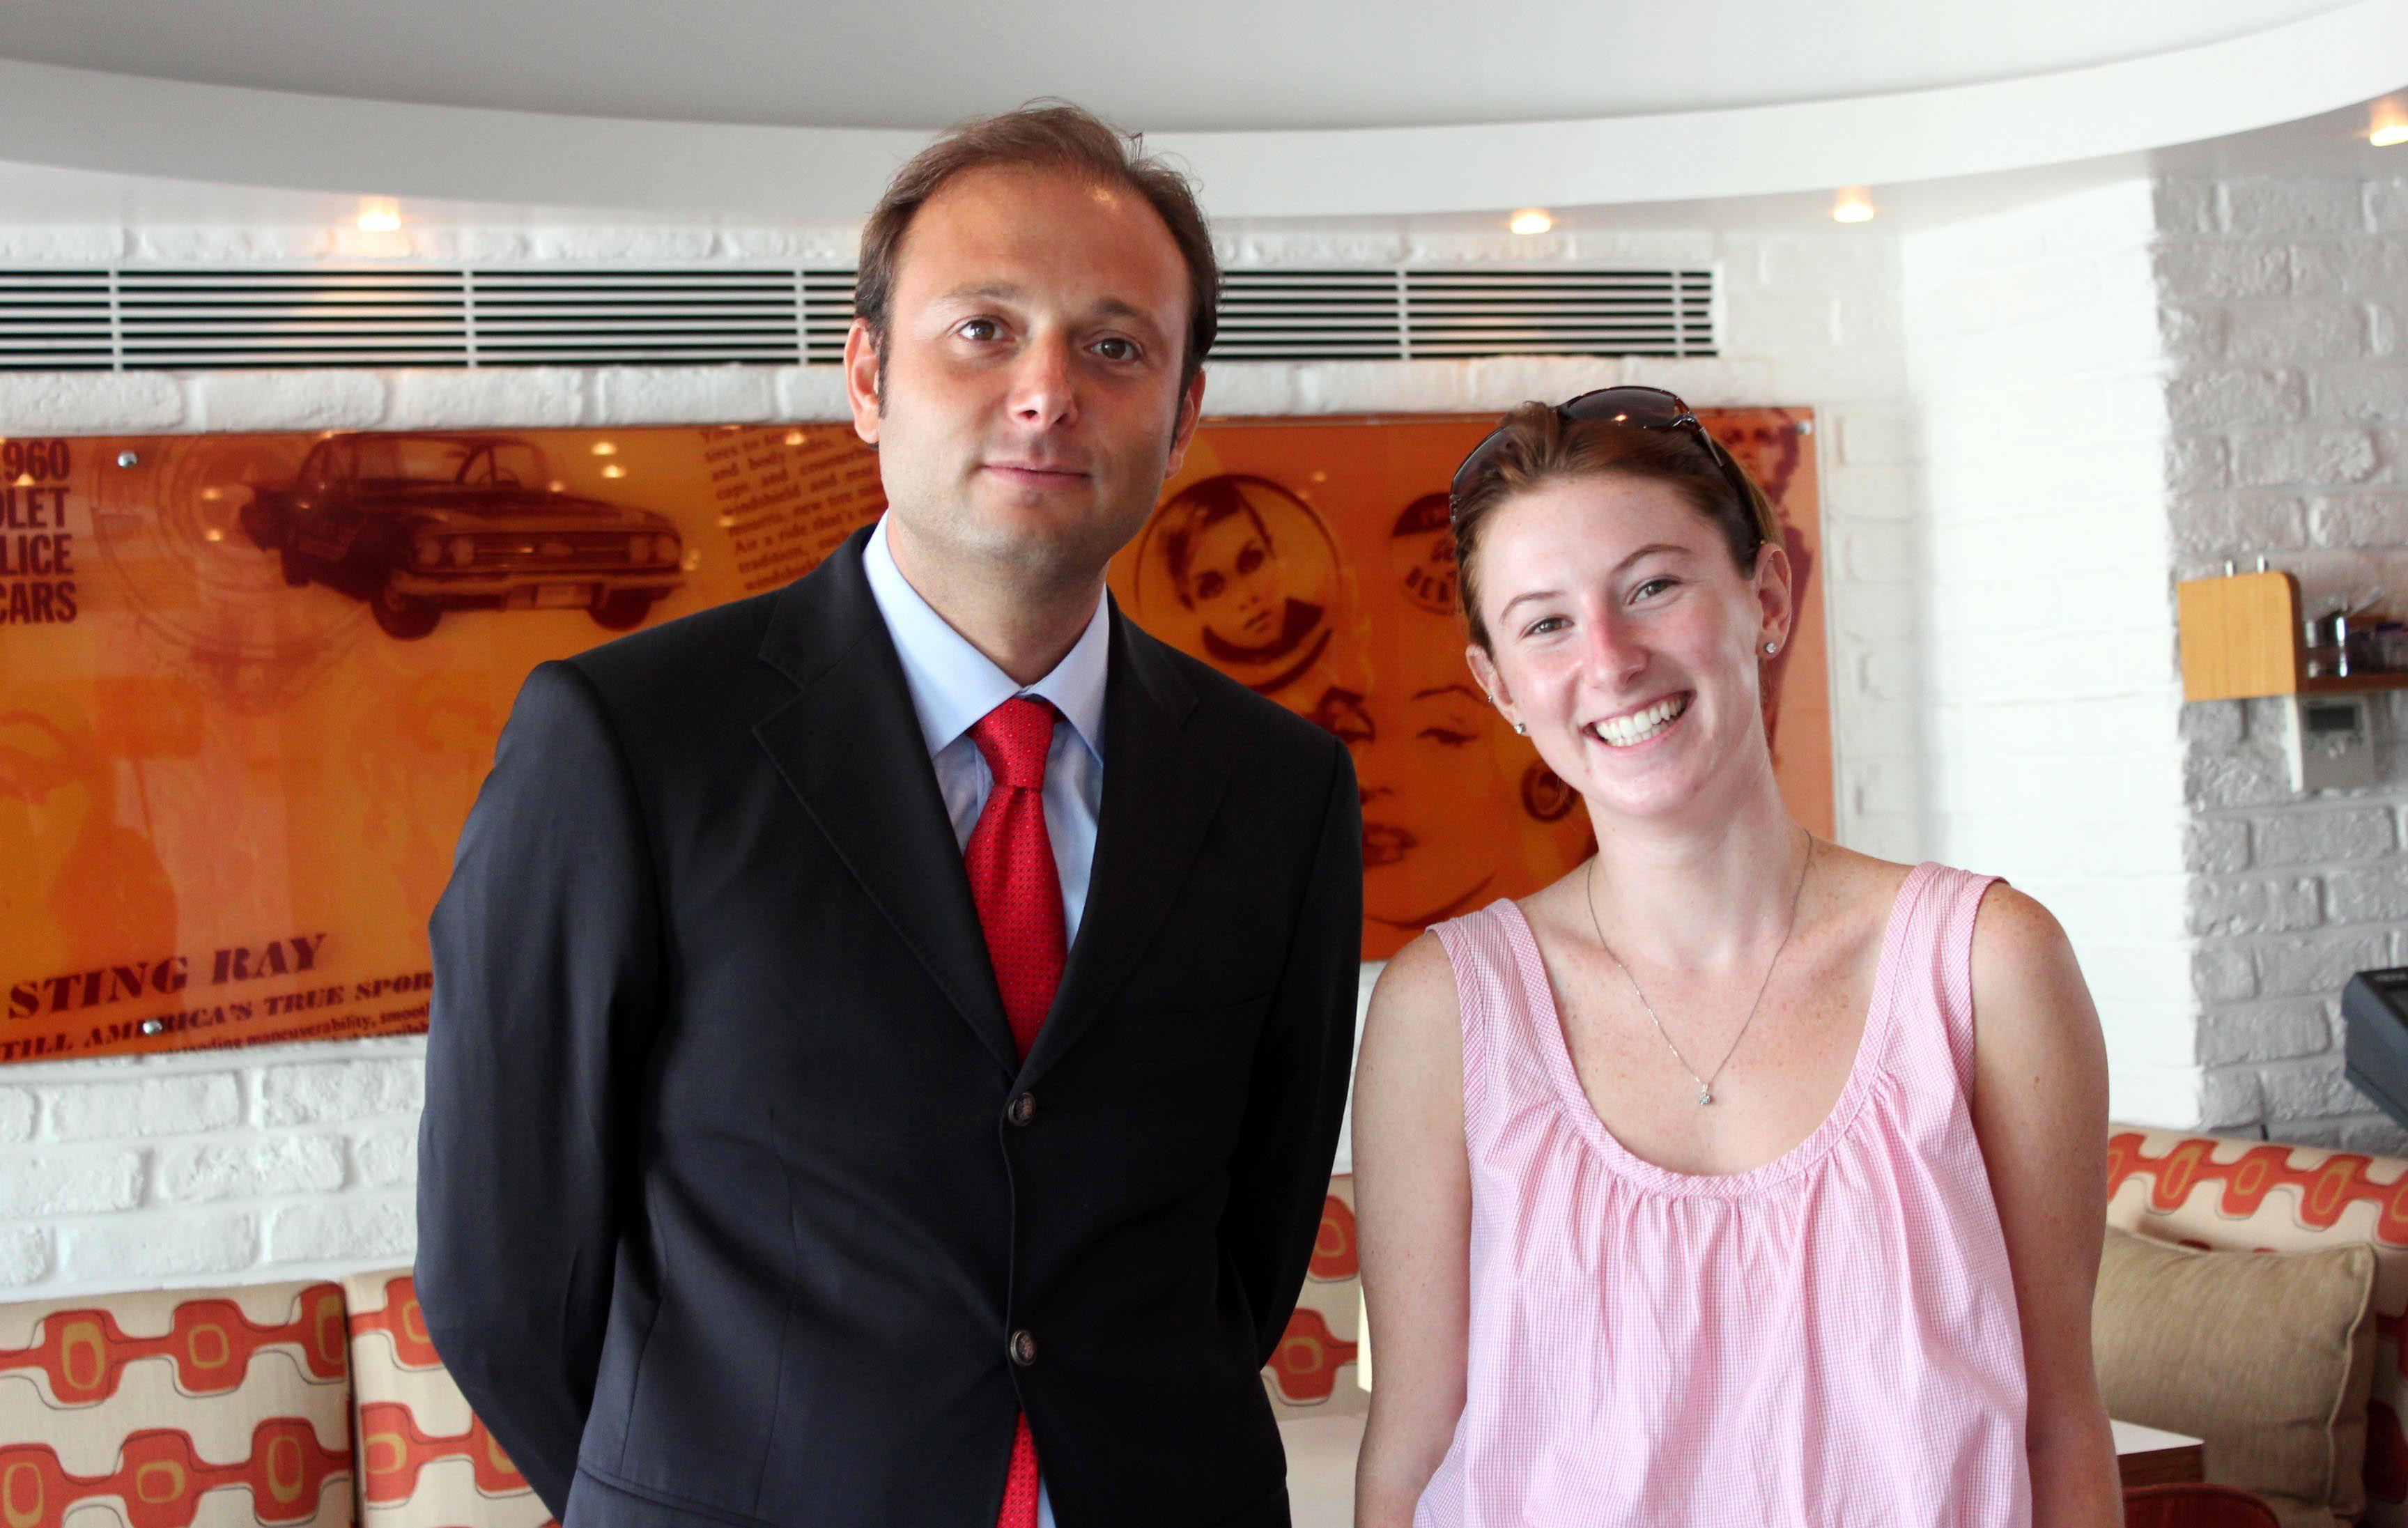 Daily News, Genel Direktörümüz Gökyar Karşit ile Röportaj Yaptı